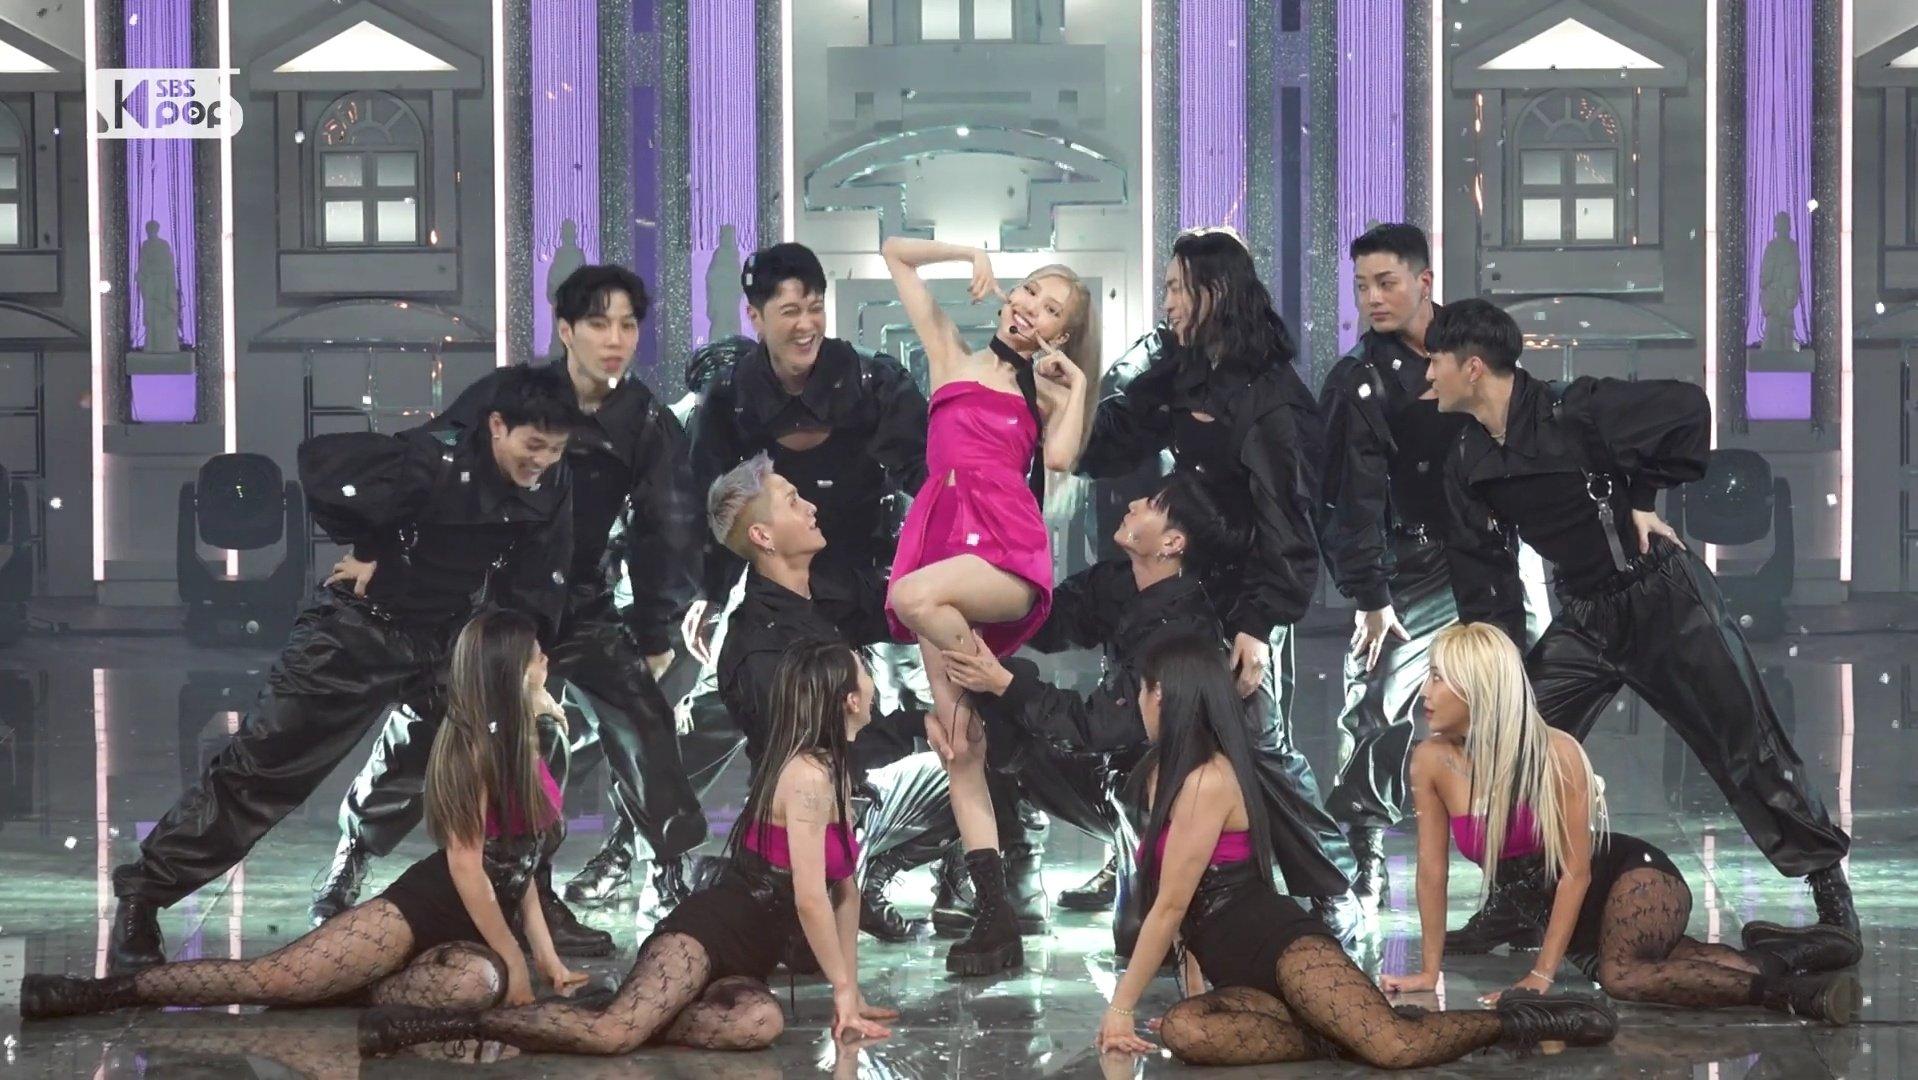 Cắt hẳn váy 100 triệu cho Rosé, stylist của BLACKPINK vẫn gây thất vọng khi khiến cô chìm nghỉm giữa dàn dancer - Ảnh 10.